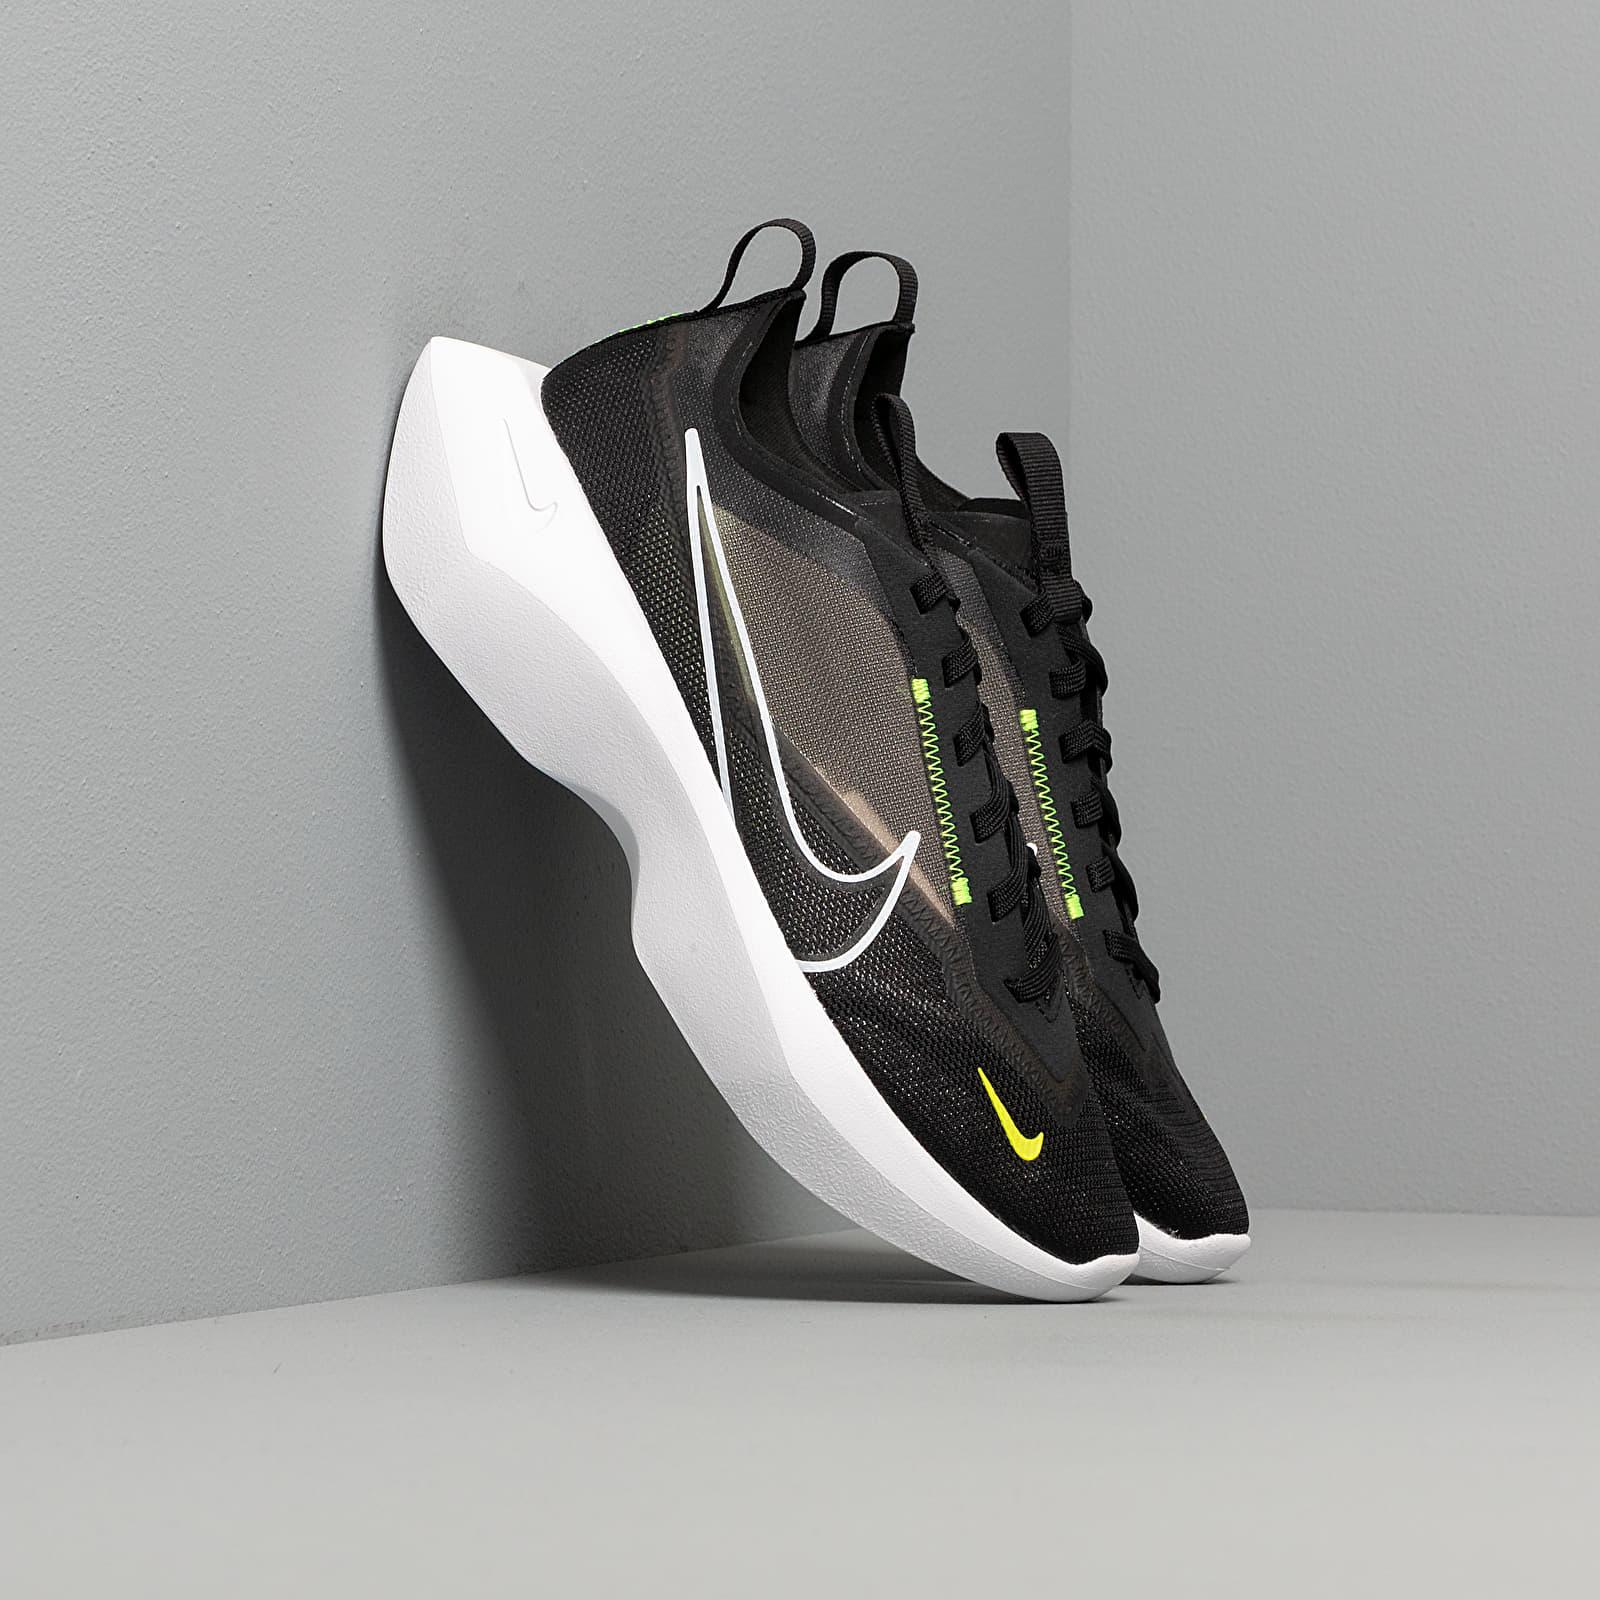 Dámské tenisky a boty Nike W Vista Lite Black/ White-Lemon Venom